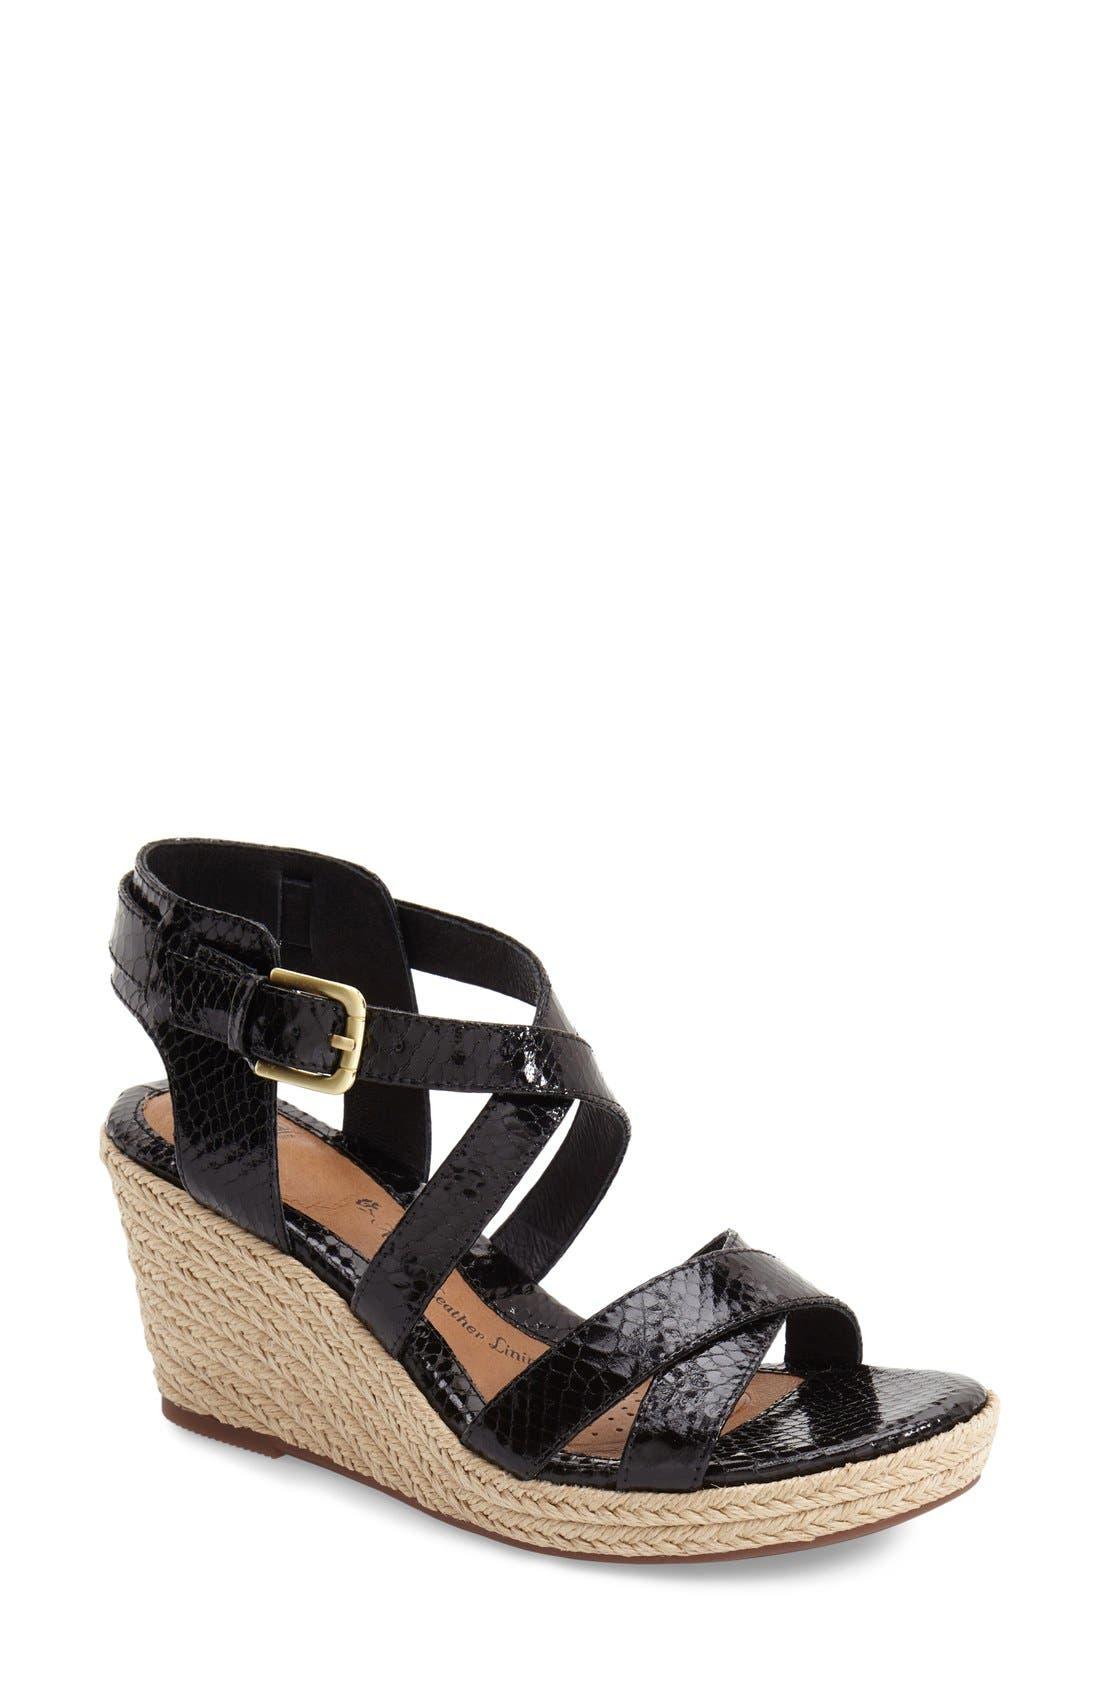 Main Image - Söfft 'Inez' Wedge Sandal (Women)